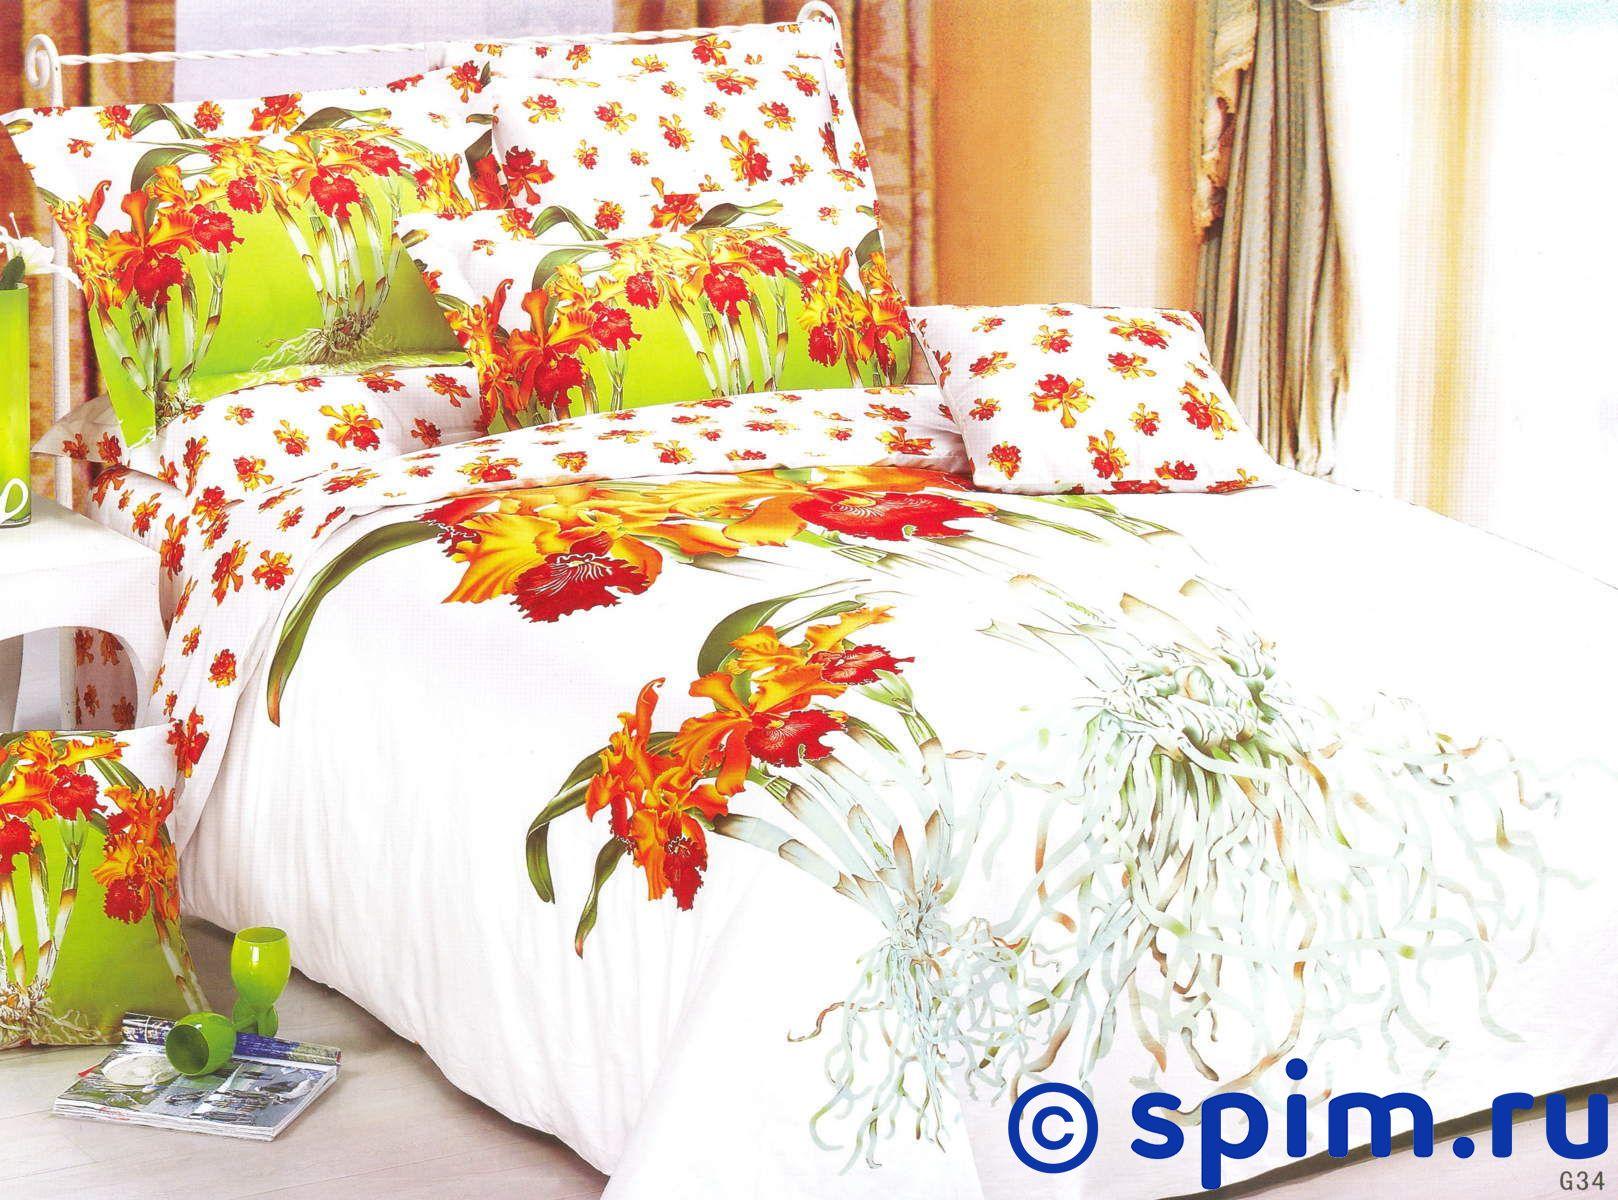 Комплект СайлиД G34 2 спальное